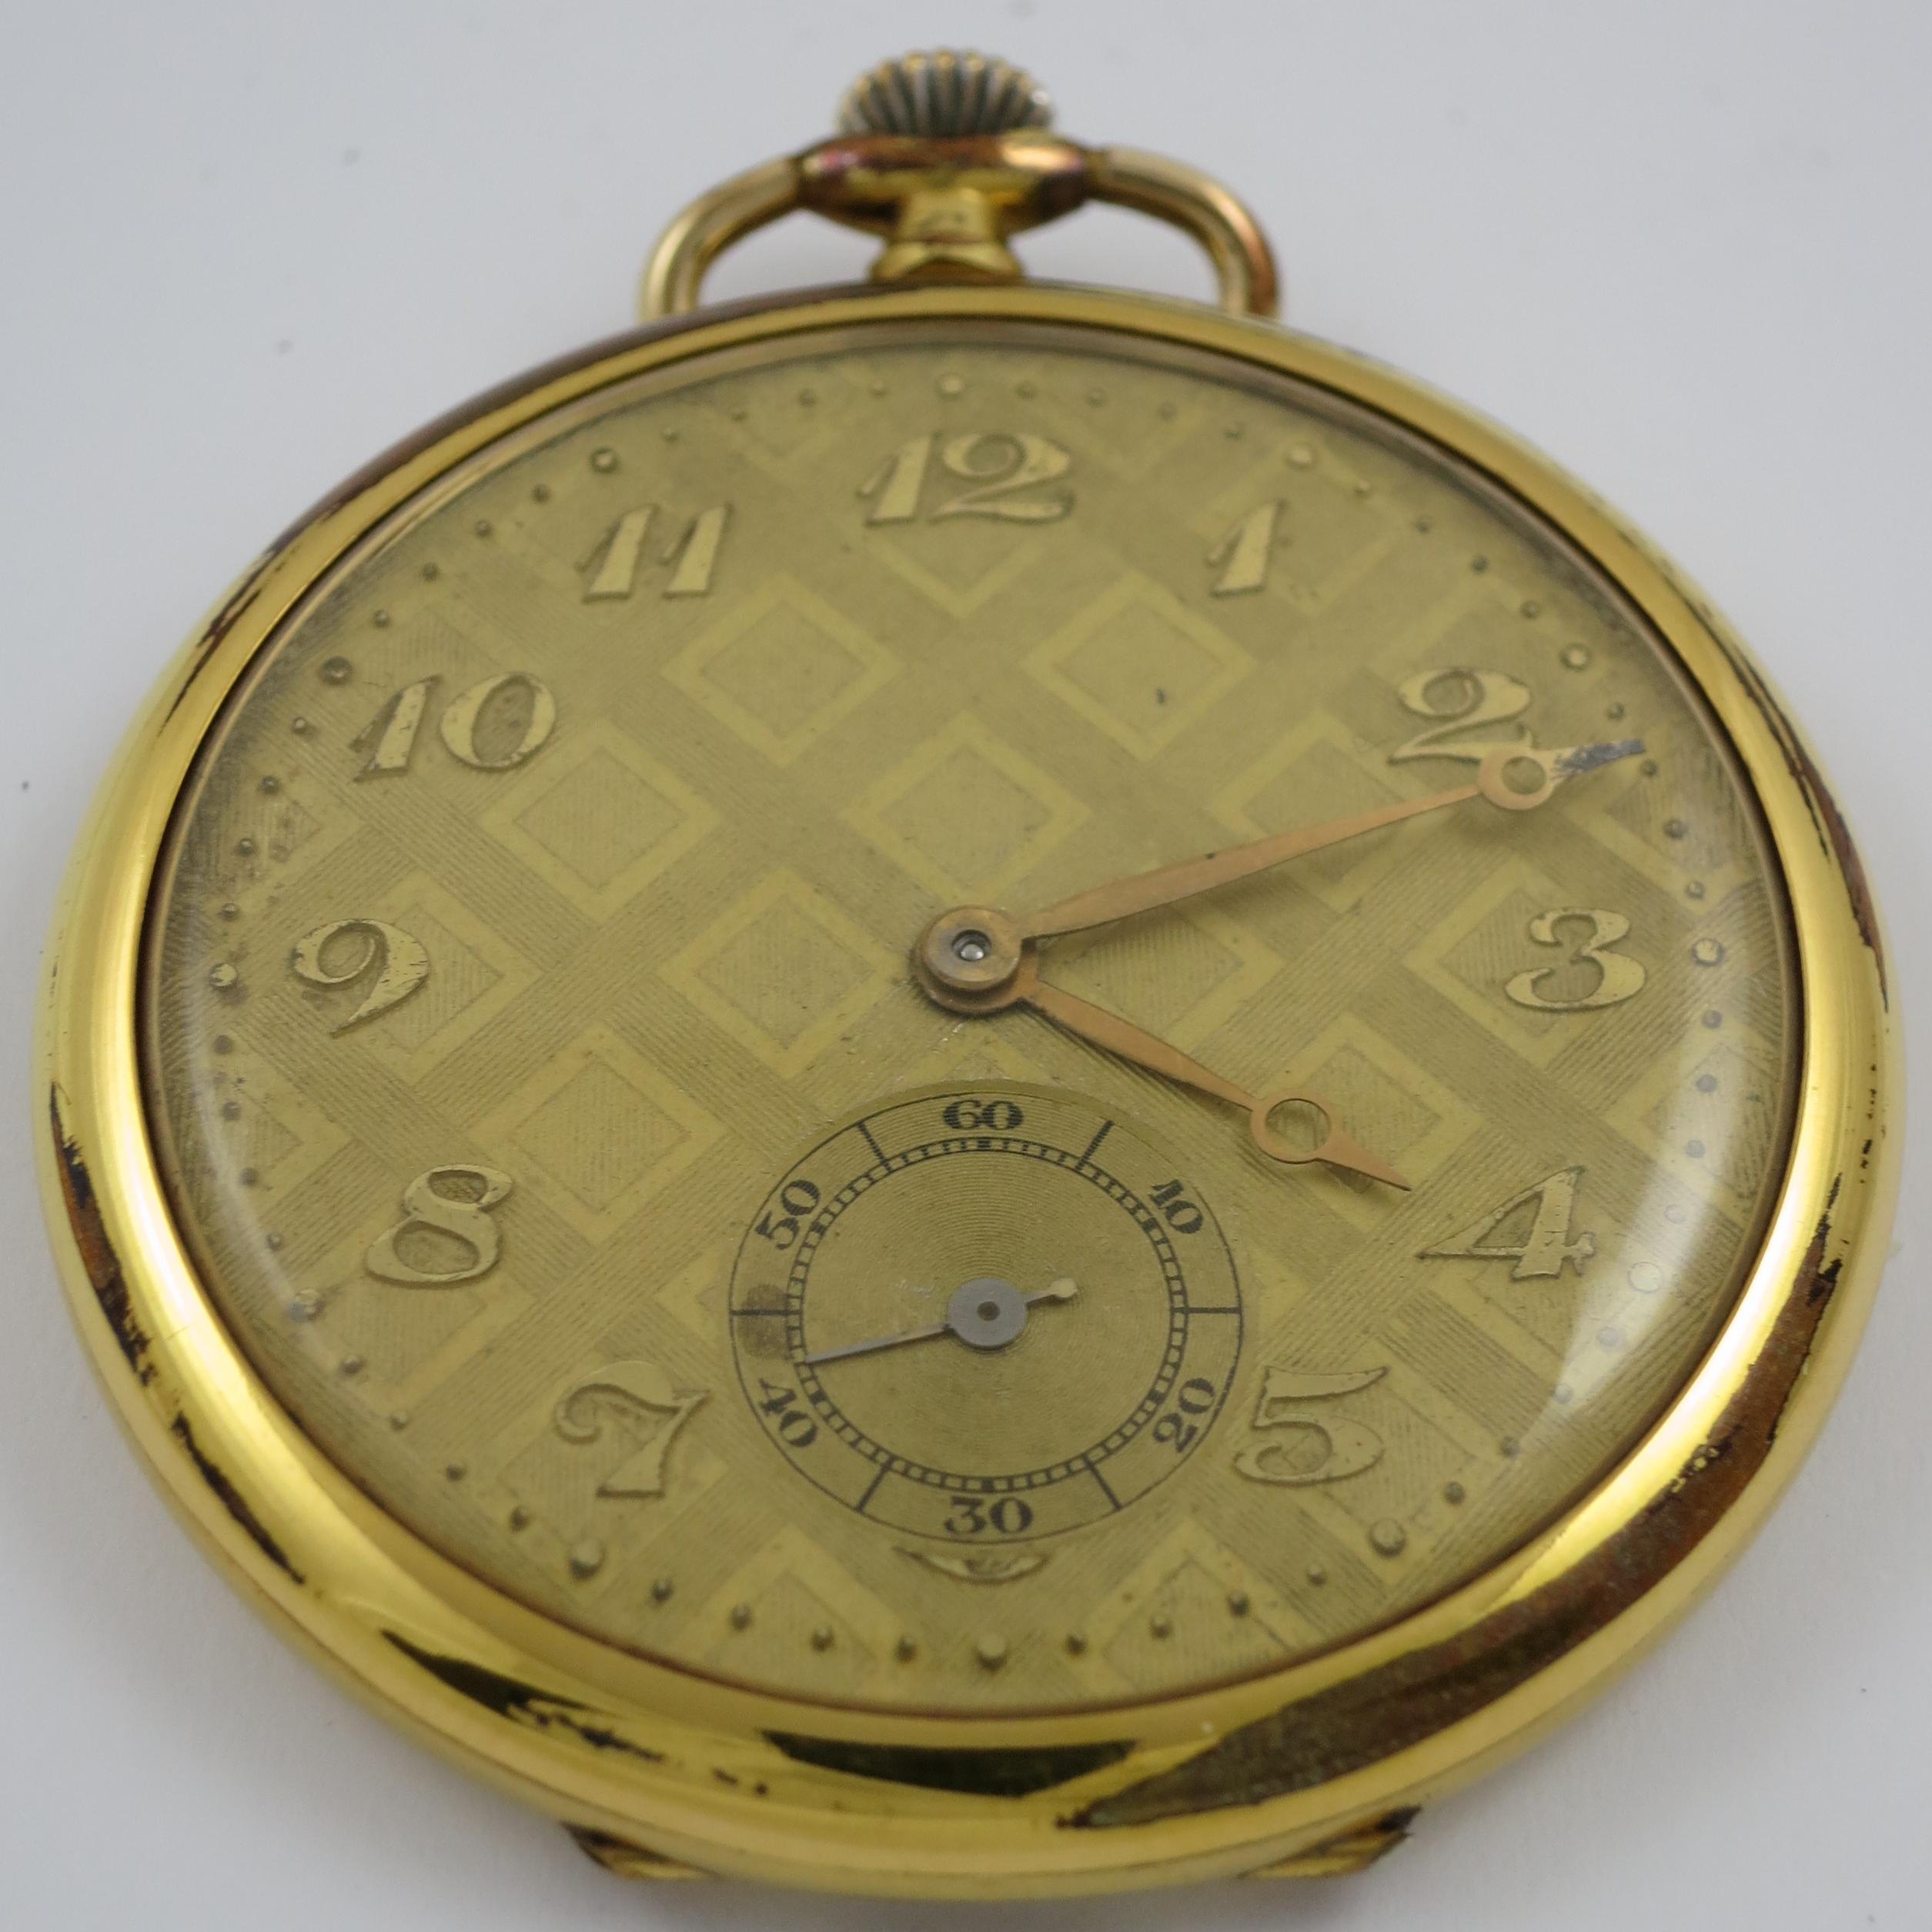 CIRCA 1940-1950 RODE GOLD PLATED MECHANICAL OPEN FACE POCKET WATCH